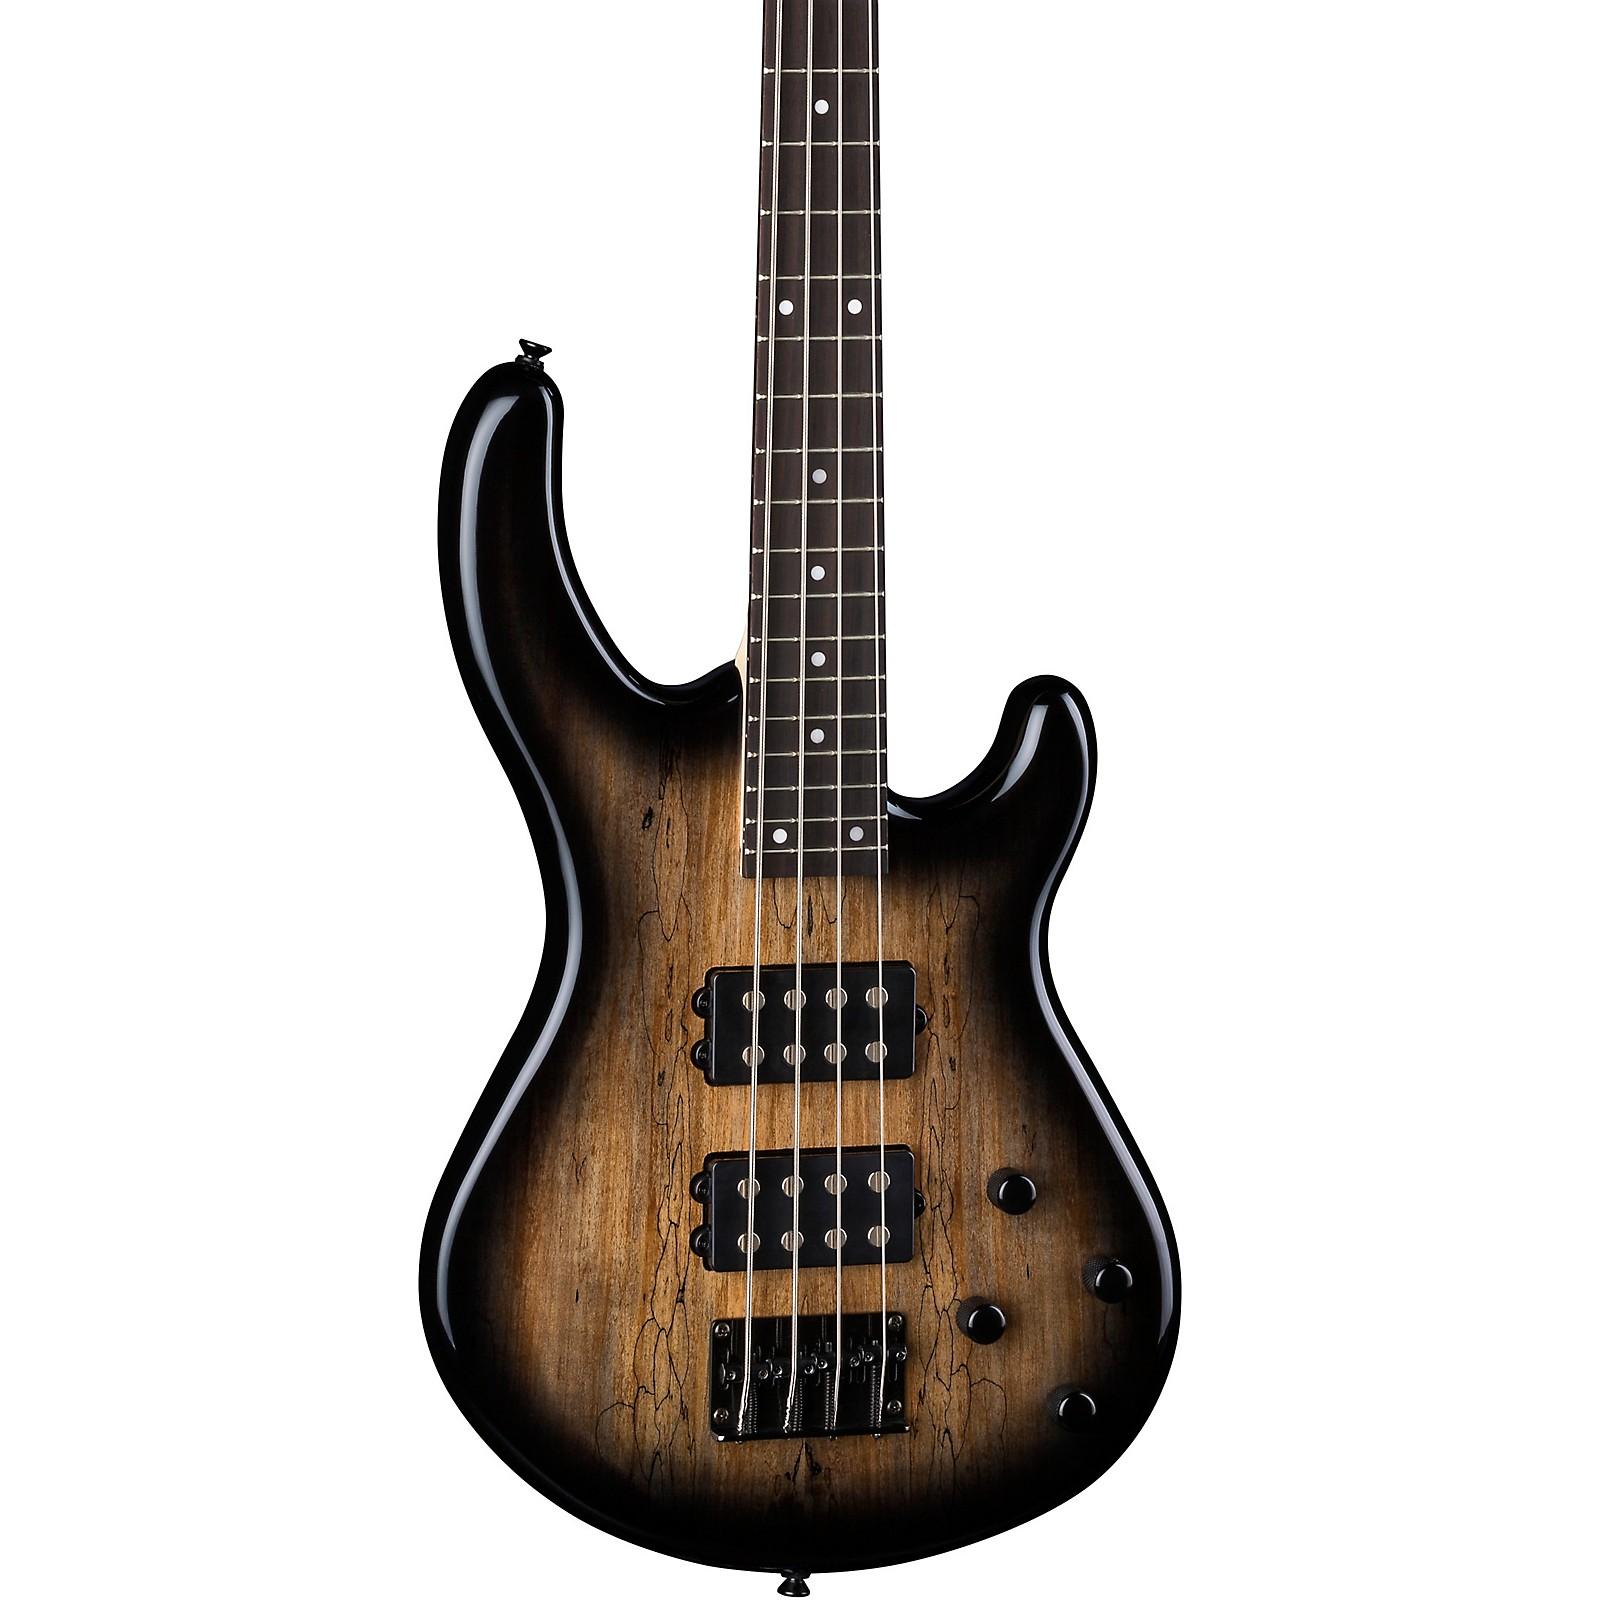 Dean Dean Edge 2 Spalt Maple Electric Bass Guitar